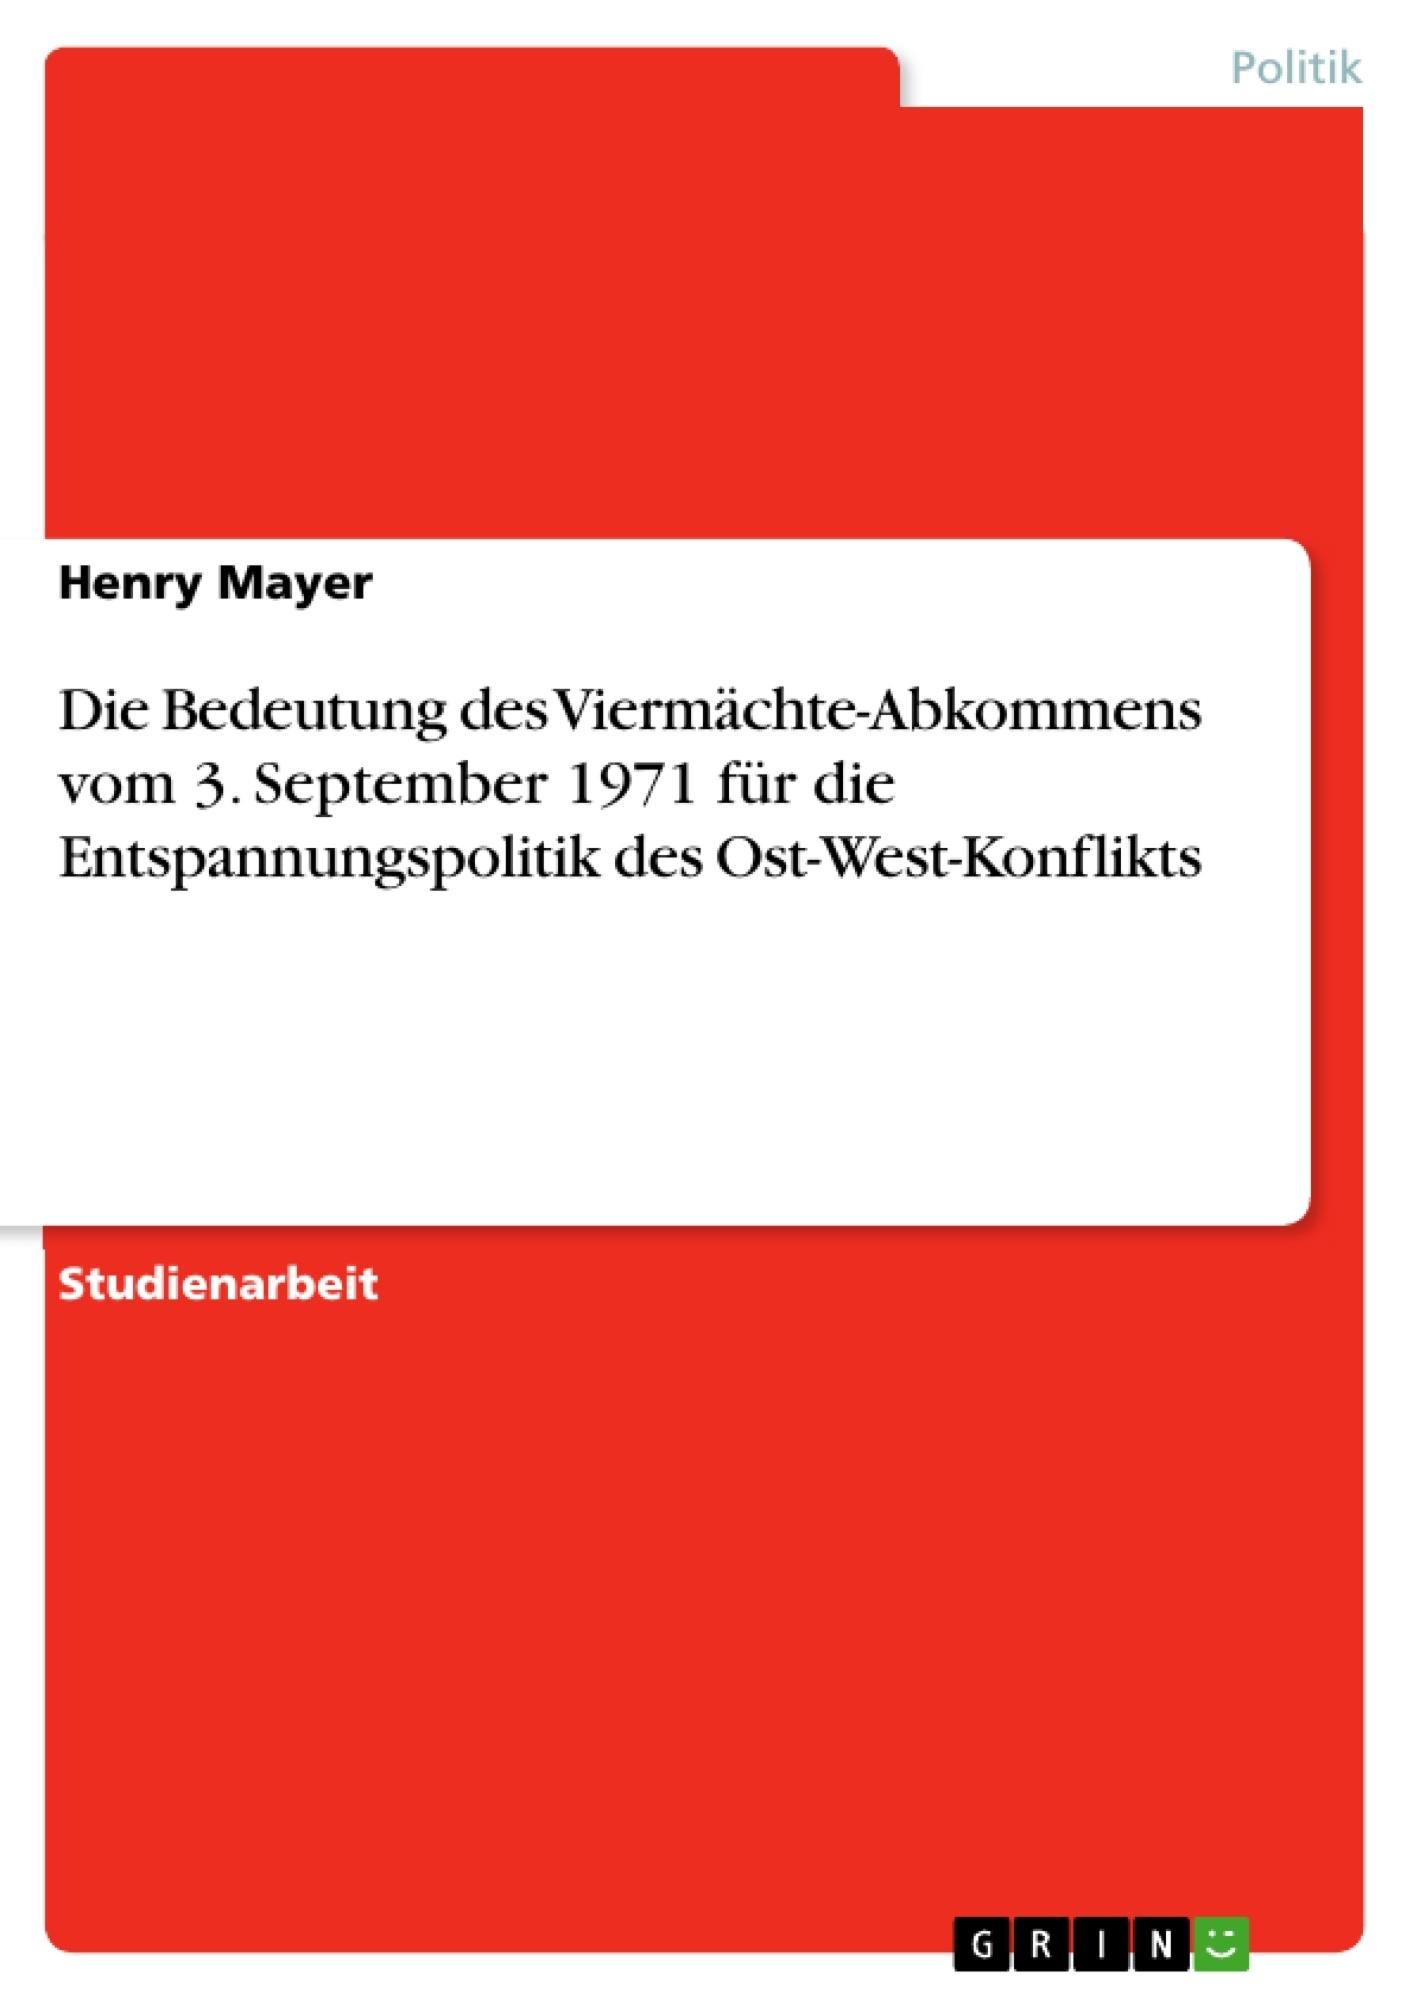 Titel: Die Bedeutung des Viermächte-Abkommens vom 3. September 1971 für die Entspannungspolitik des Ost-West-Konflikts